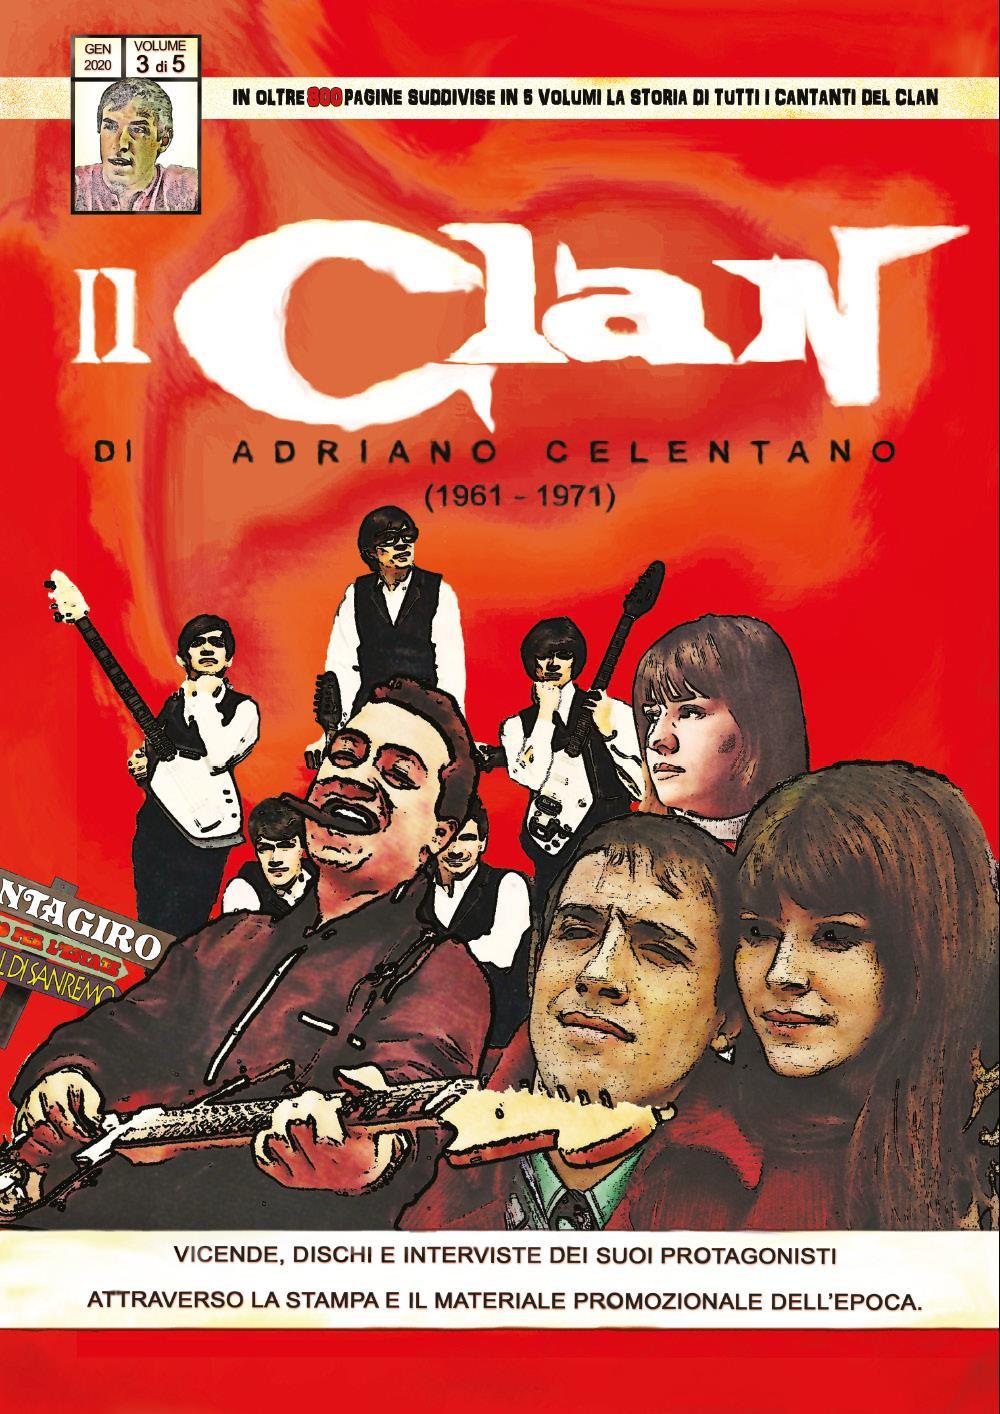 Il Clan di Adriano Celentano (1961 - 1971) Volume 3